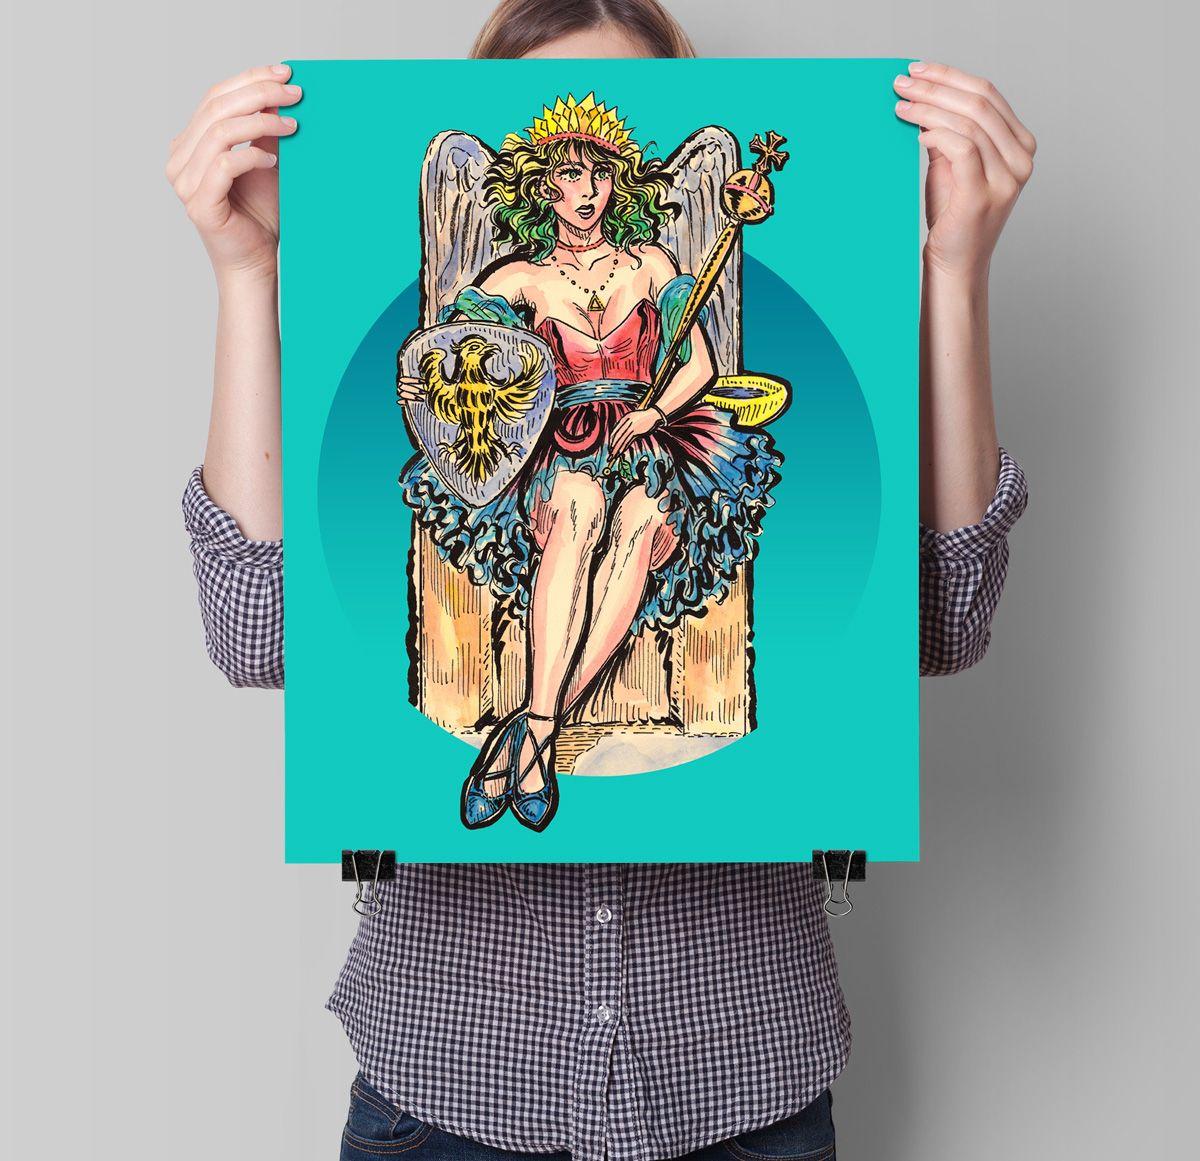 T shirt design evansville indiana - The Empress Tarot Card Poster Tarot T Shirts